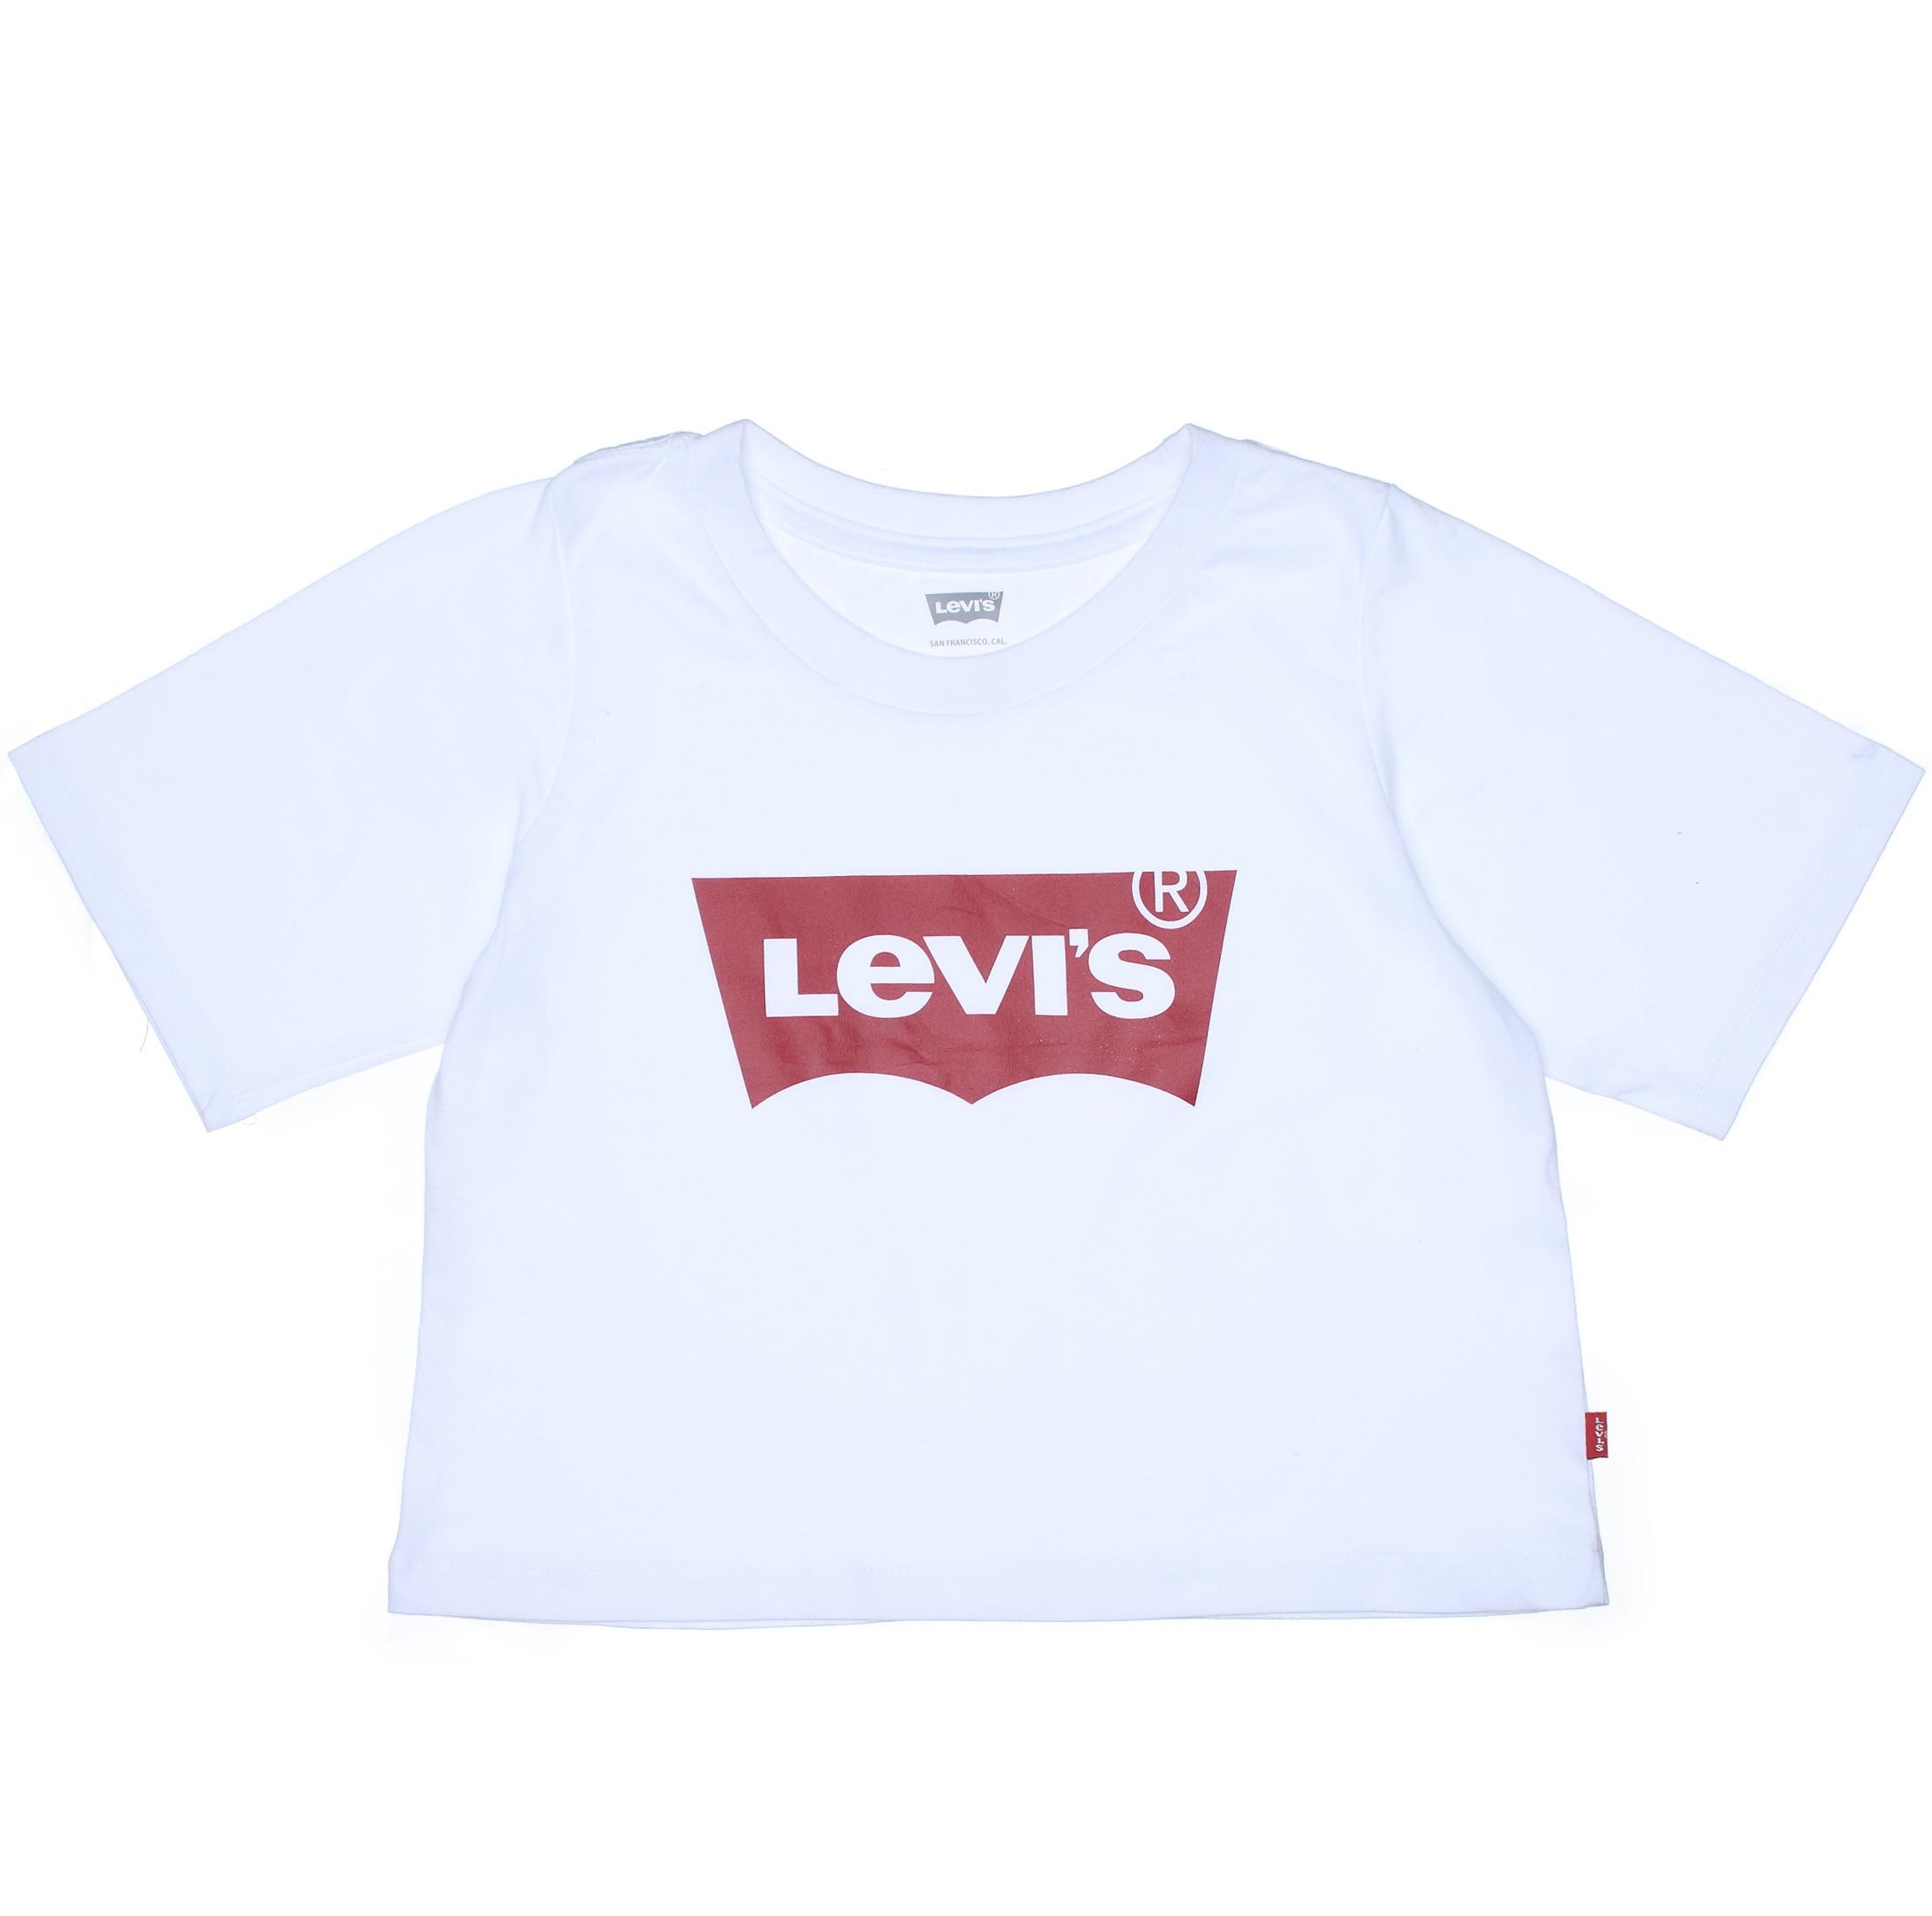 https://www.leadermode.com/183962/levi-s-kids-0220-001-white.jpg